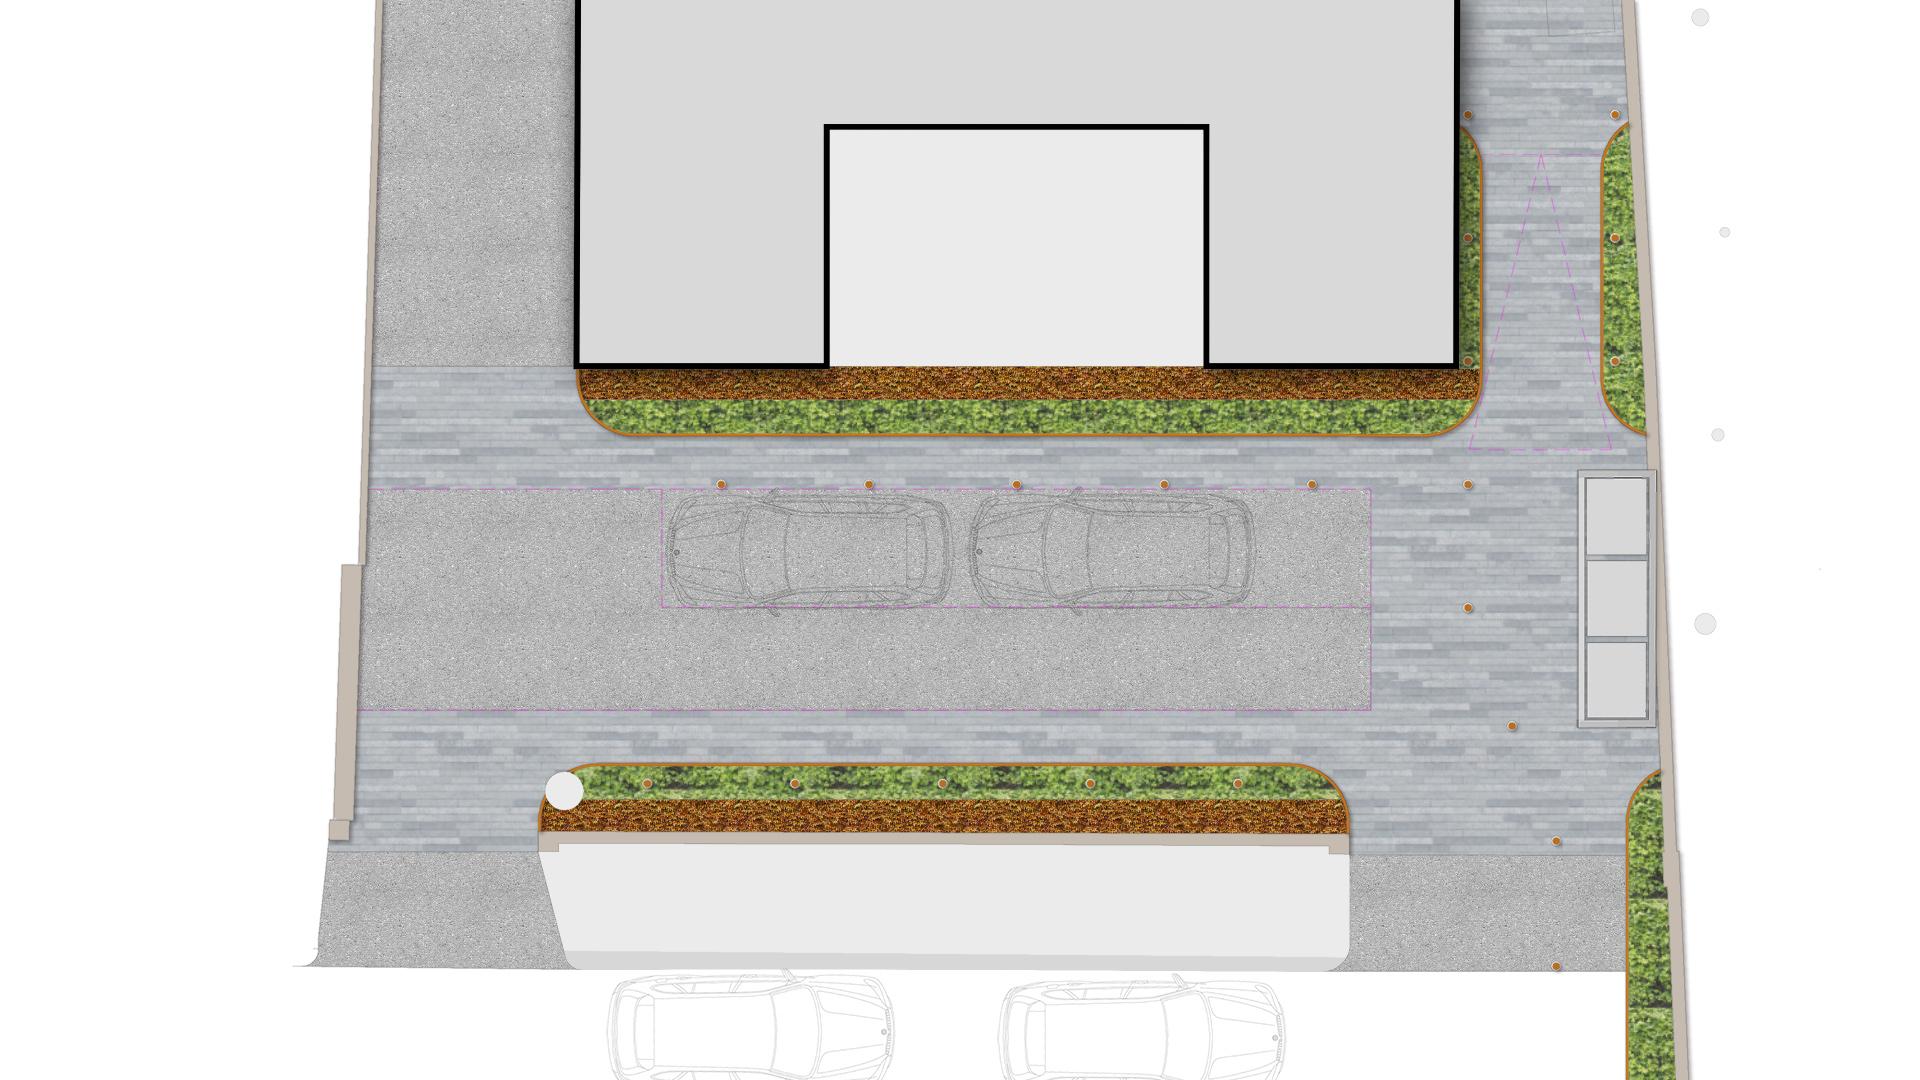 oncept_landscape_desingers_copper_beech_highgate_n6_block_frontage_design